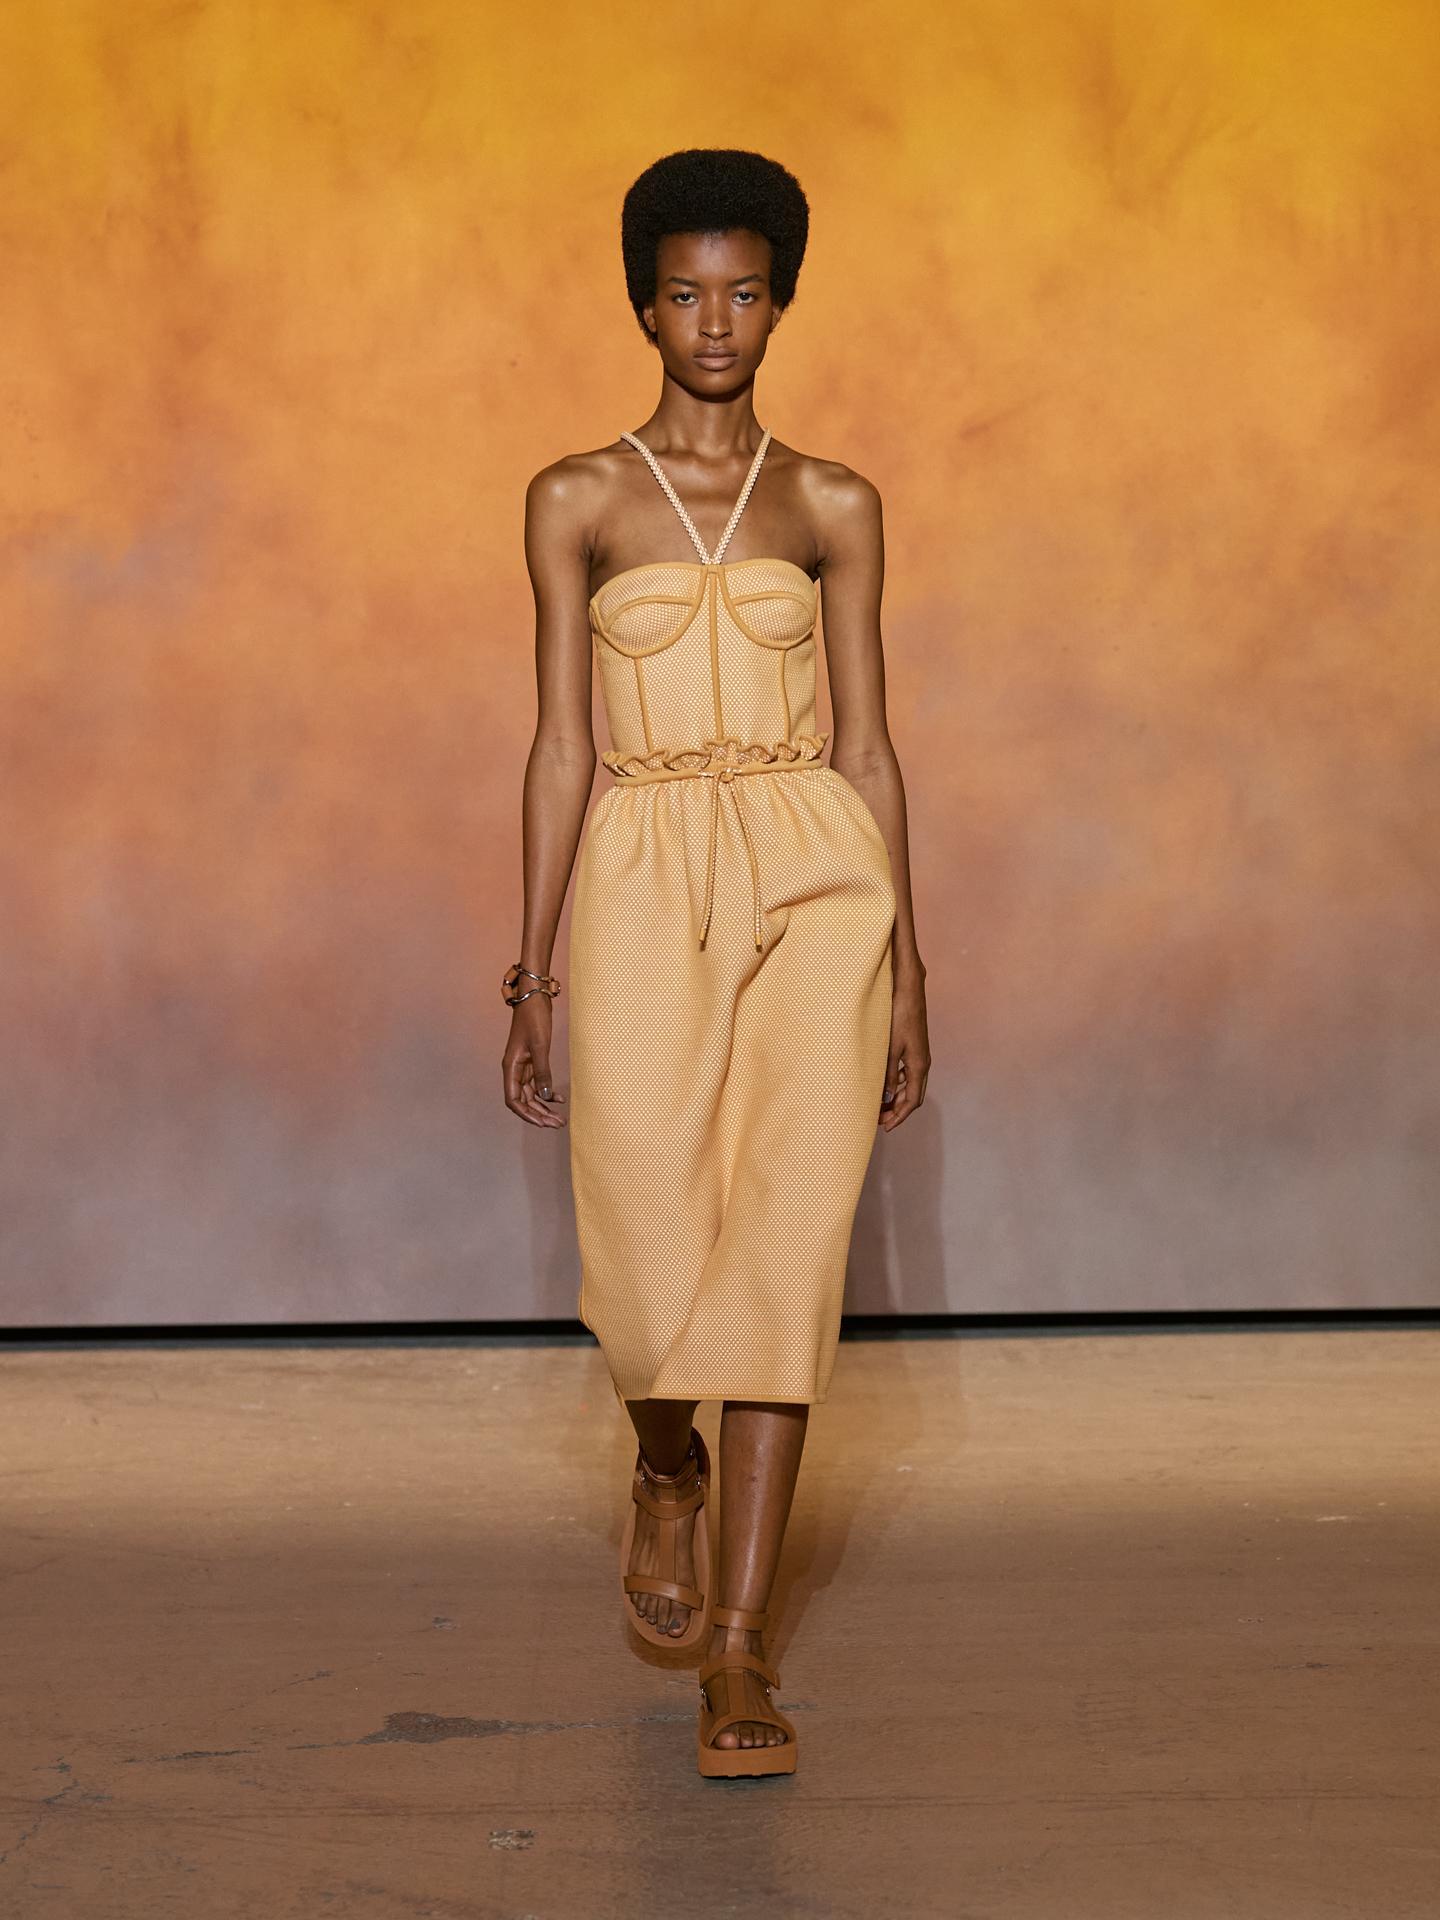 Kỹ thuật đan lưới 3D tiếp tục tái xuất làng mốt, nhấn vào kiểu váy lấy cảm hứng từ corset, kết hợp chi tiết thắt eo và độ dài thích hợp, giúp người mặc tôn vóc dáng và nét nữ tính.